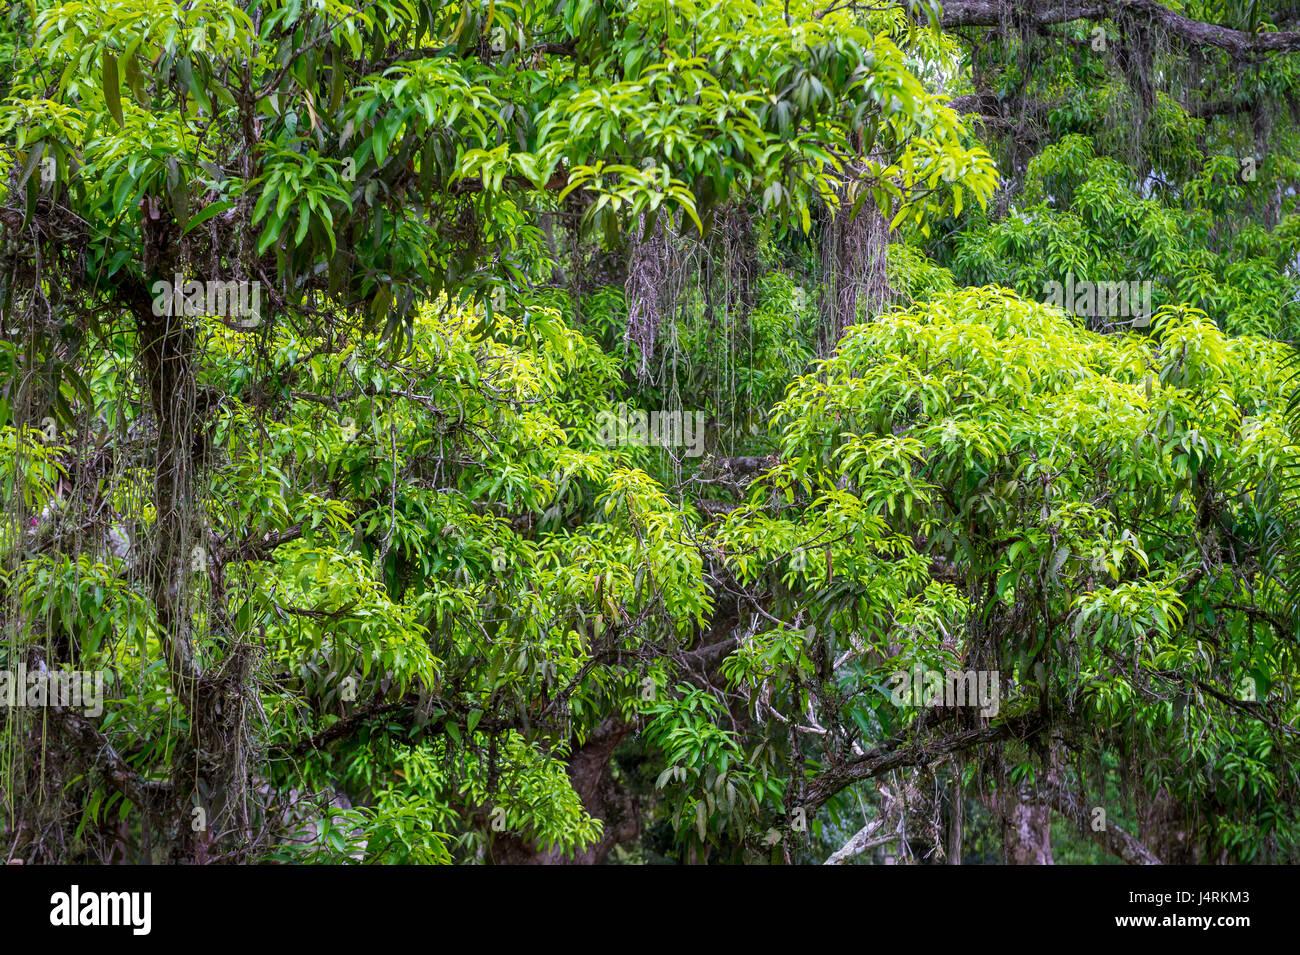 Verde tropical exuberante selva brasileña rainforest antecedentes Imagen De Stock